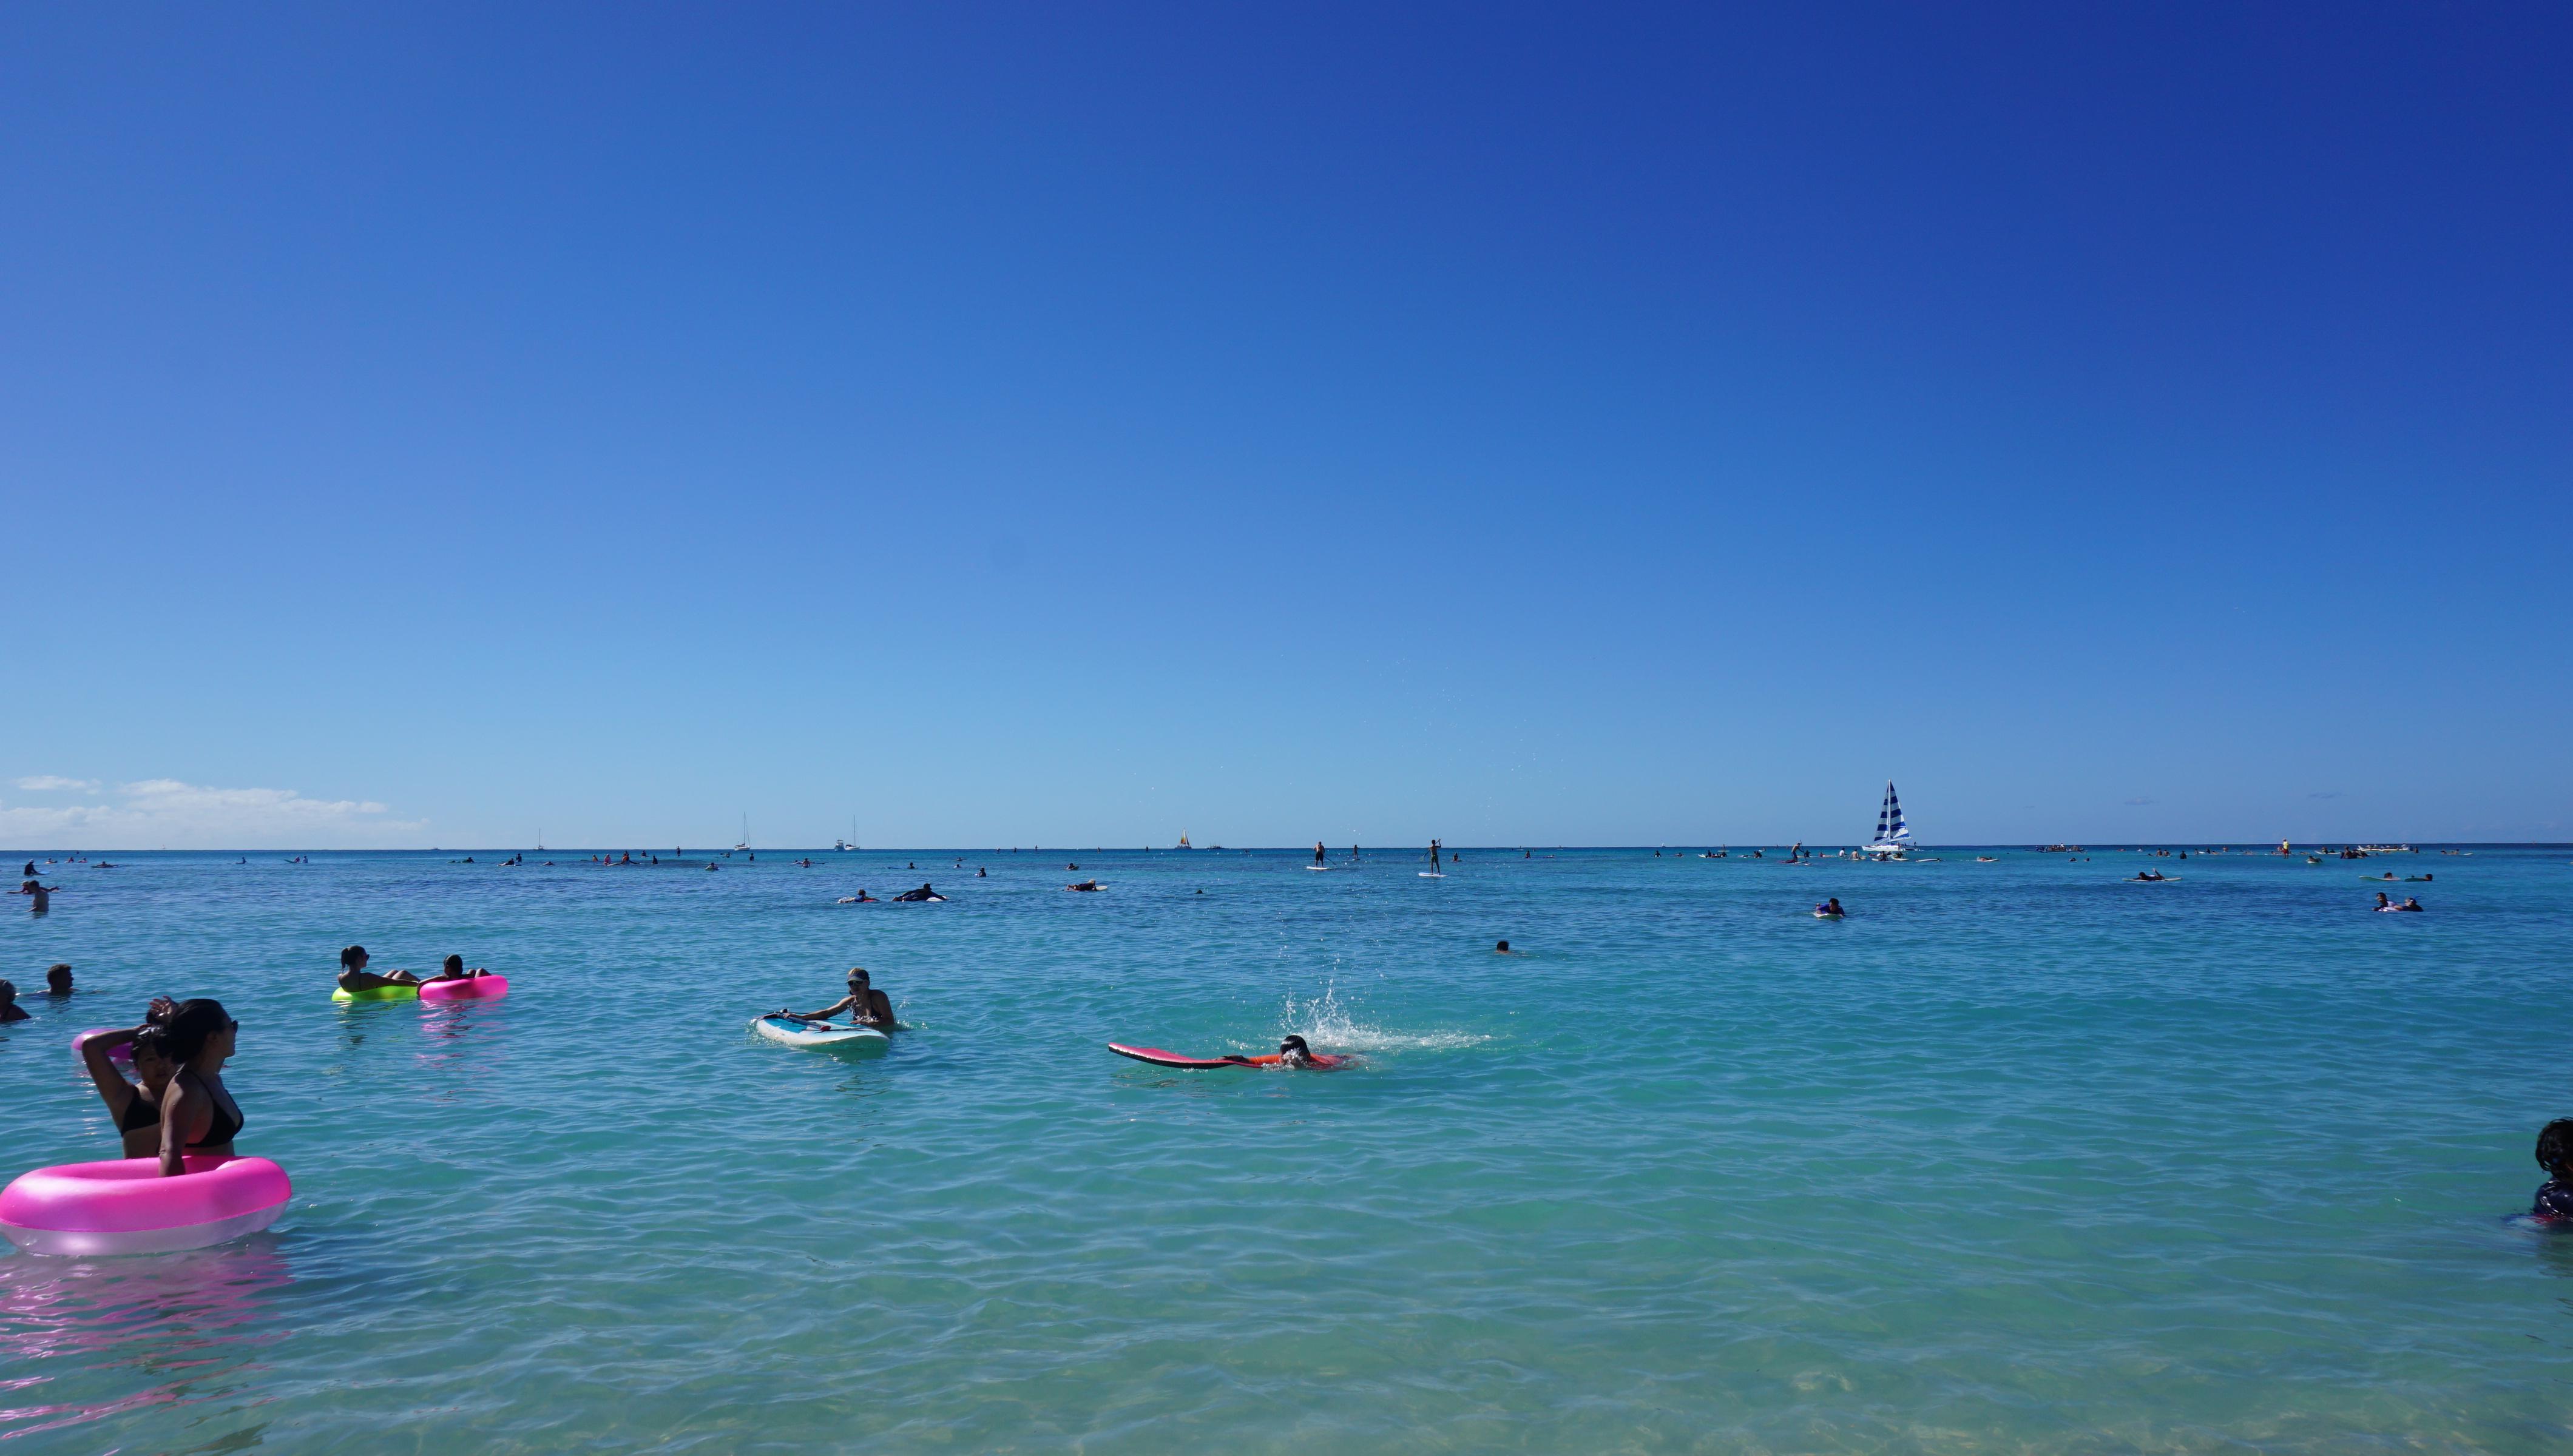 远处近处都有船只来来往往,海滩 上的人谈笑风生,大海是深色神秘